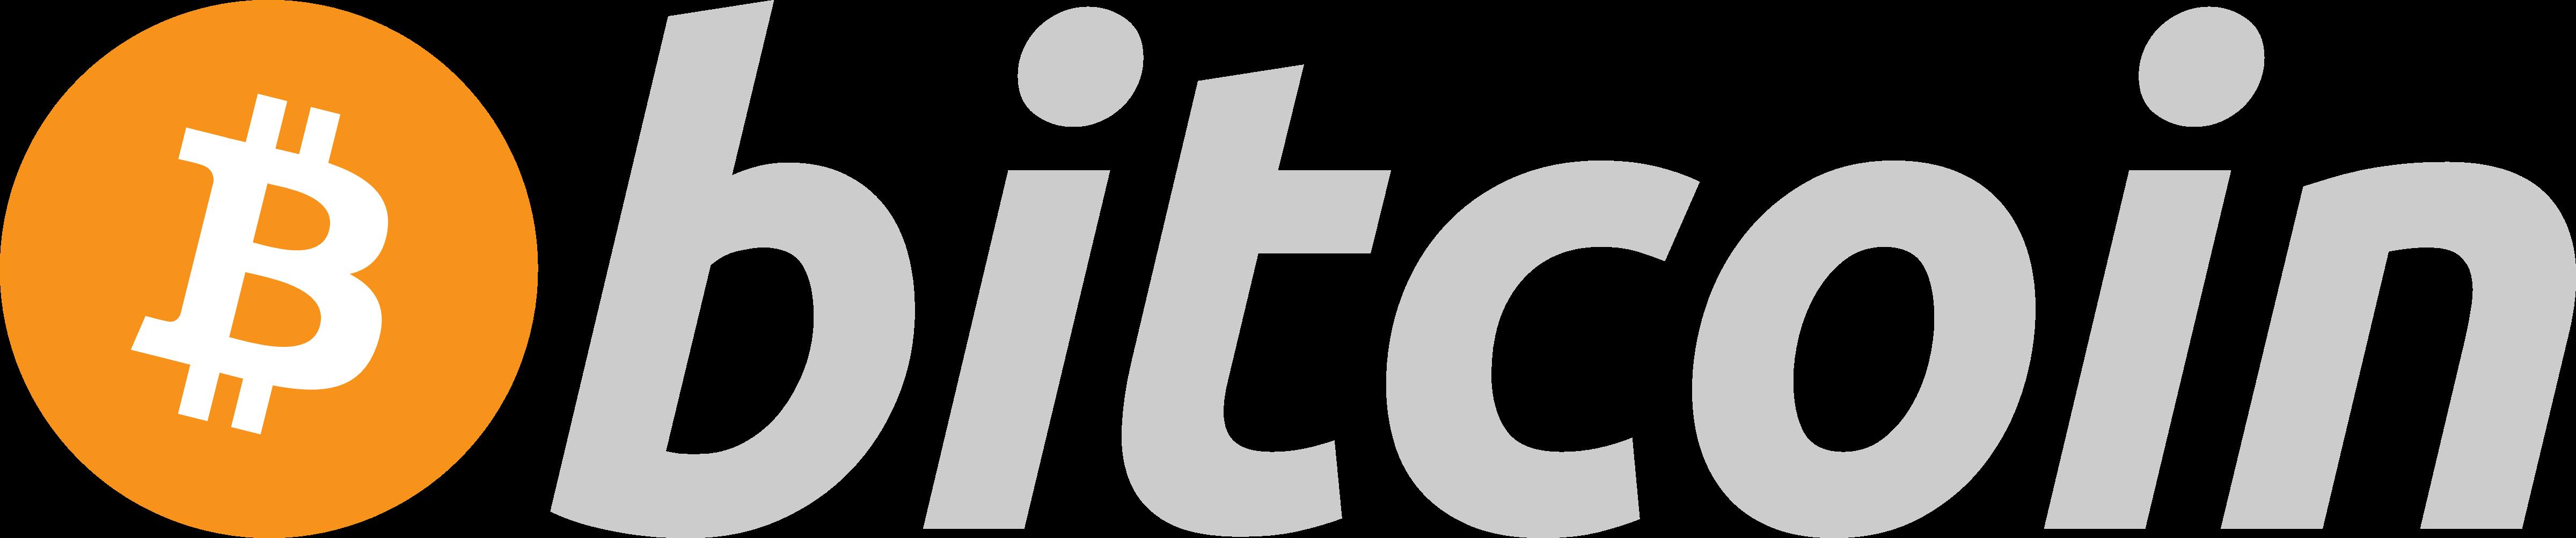 Bitcoin Transparent Logo Trading